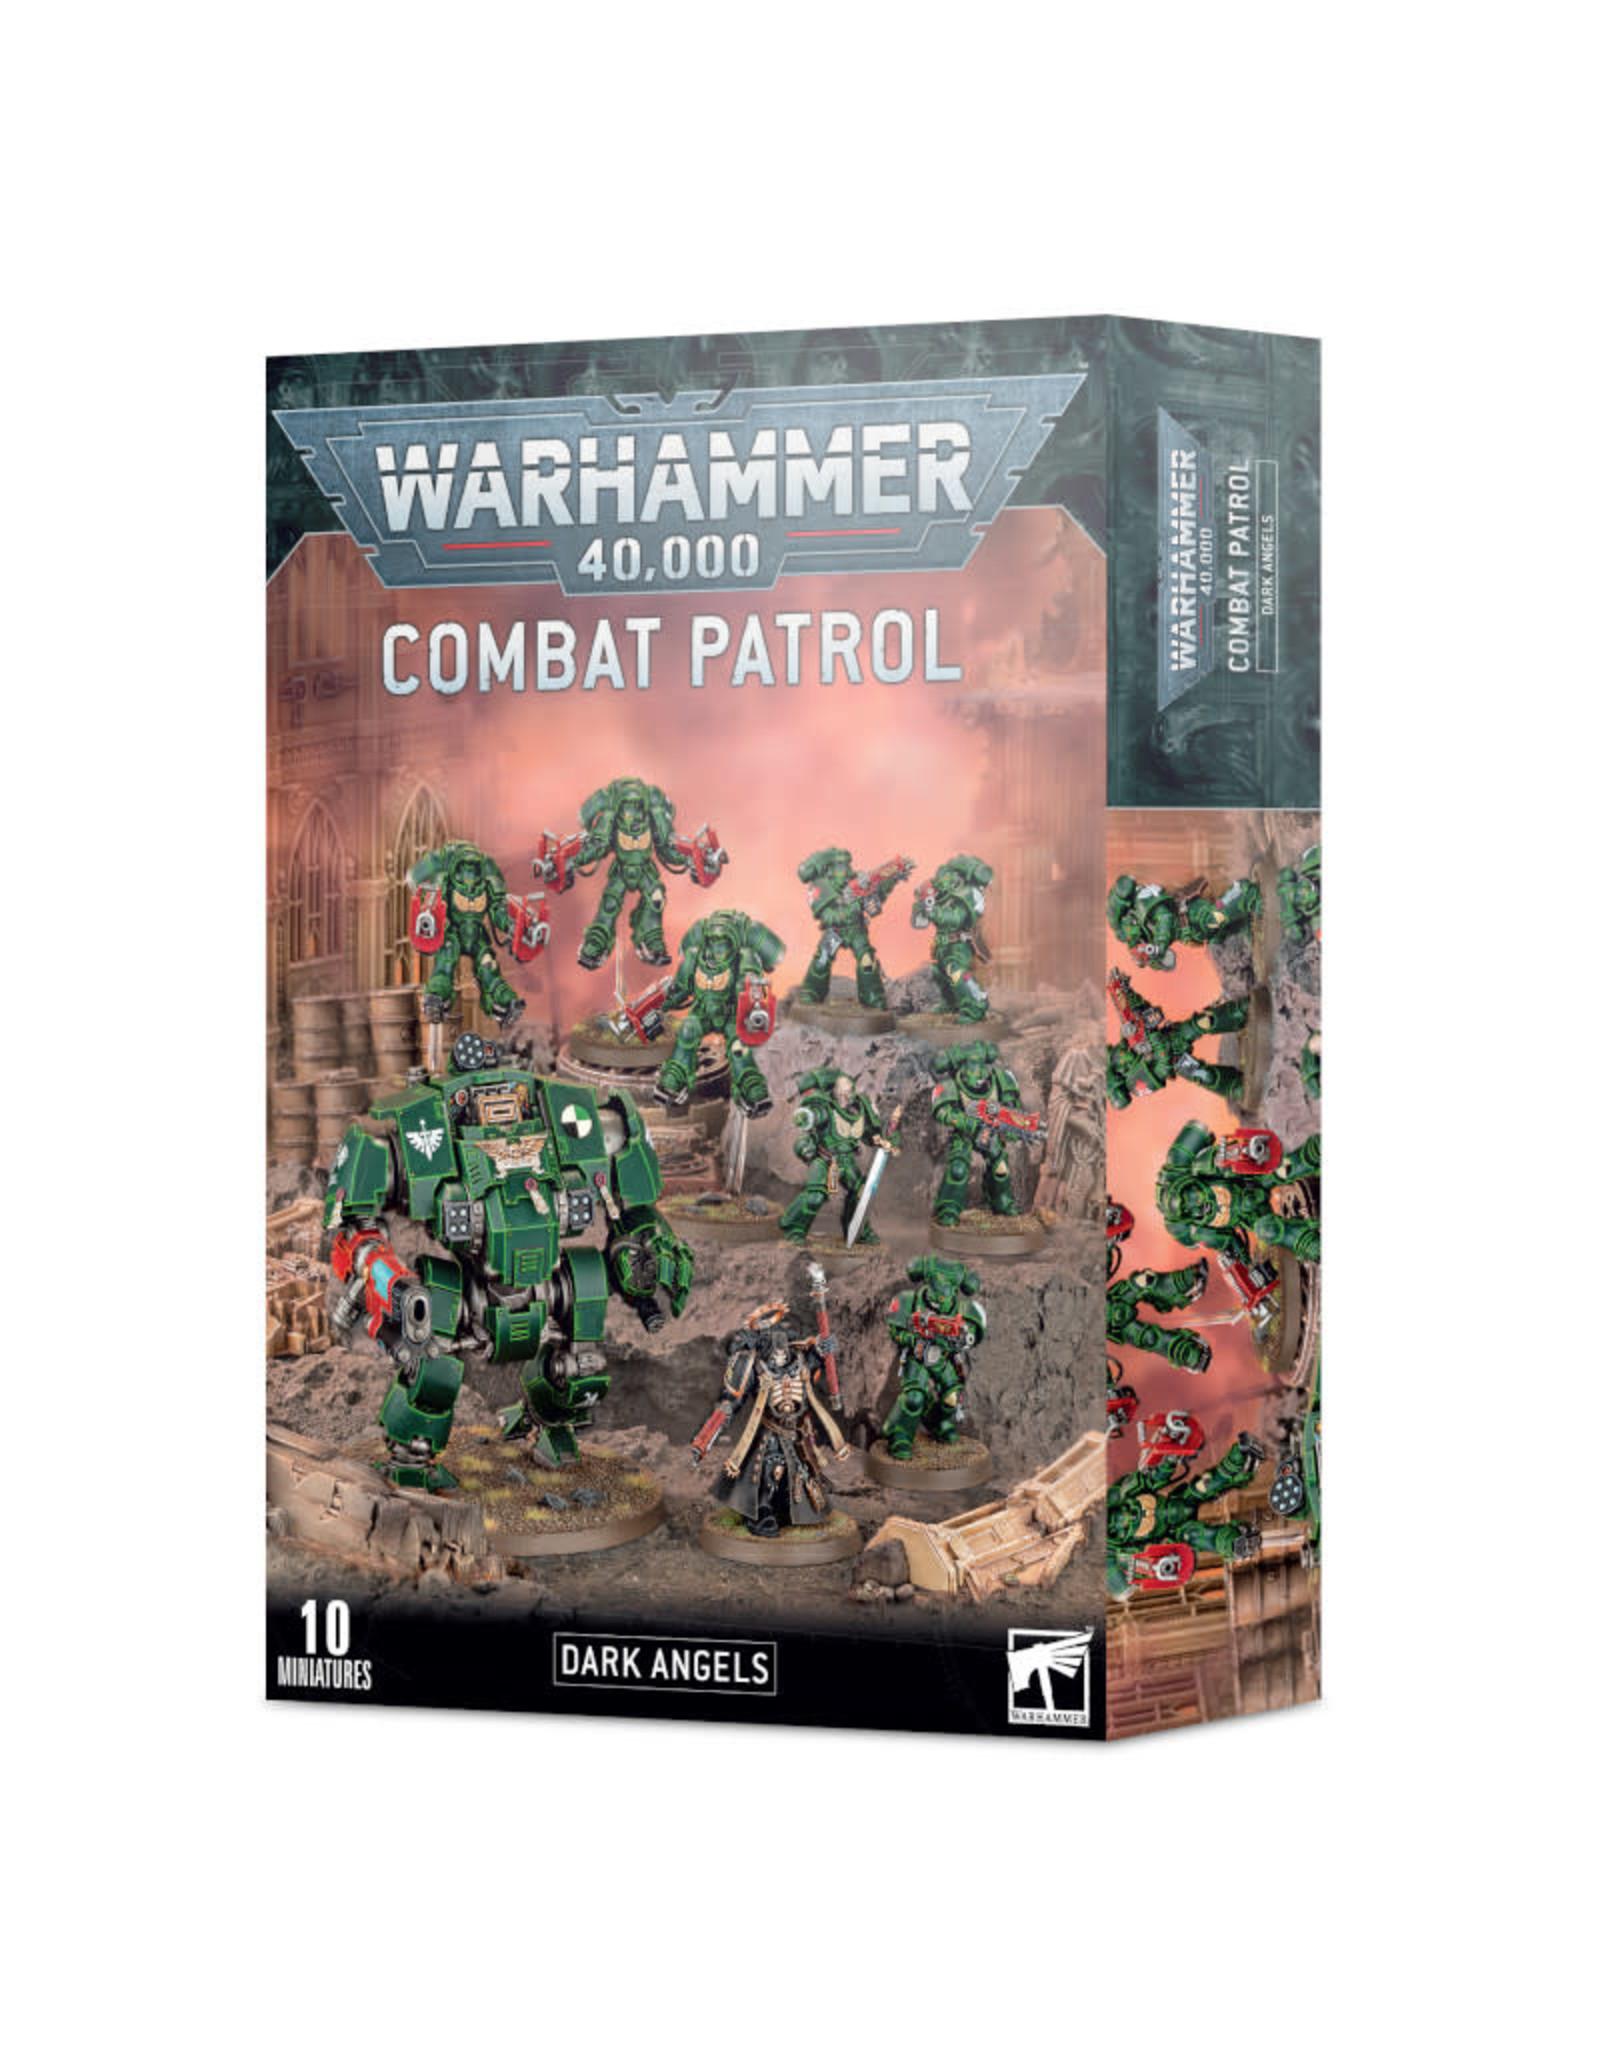 Games Workshop Warhammer 40k Combat Patrol Dark Angels